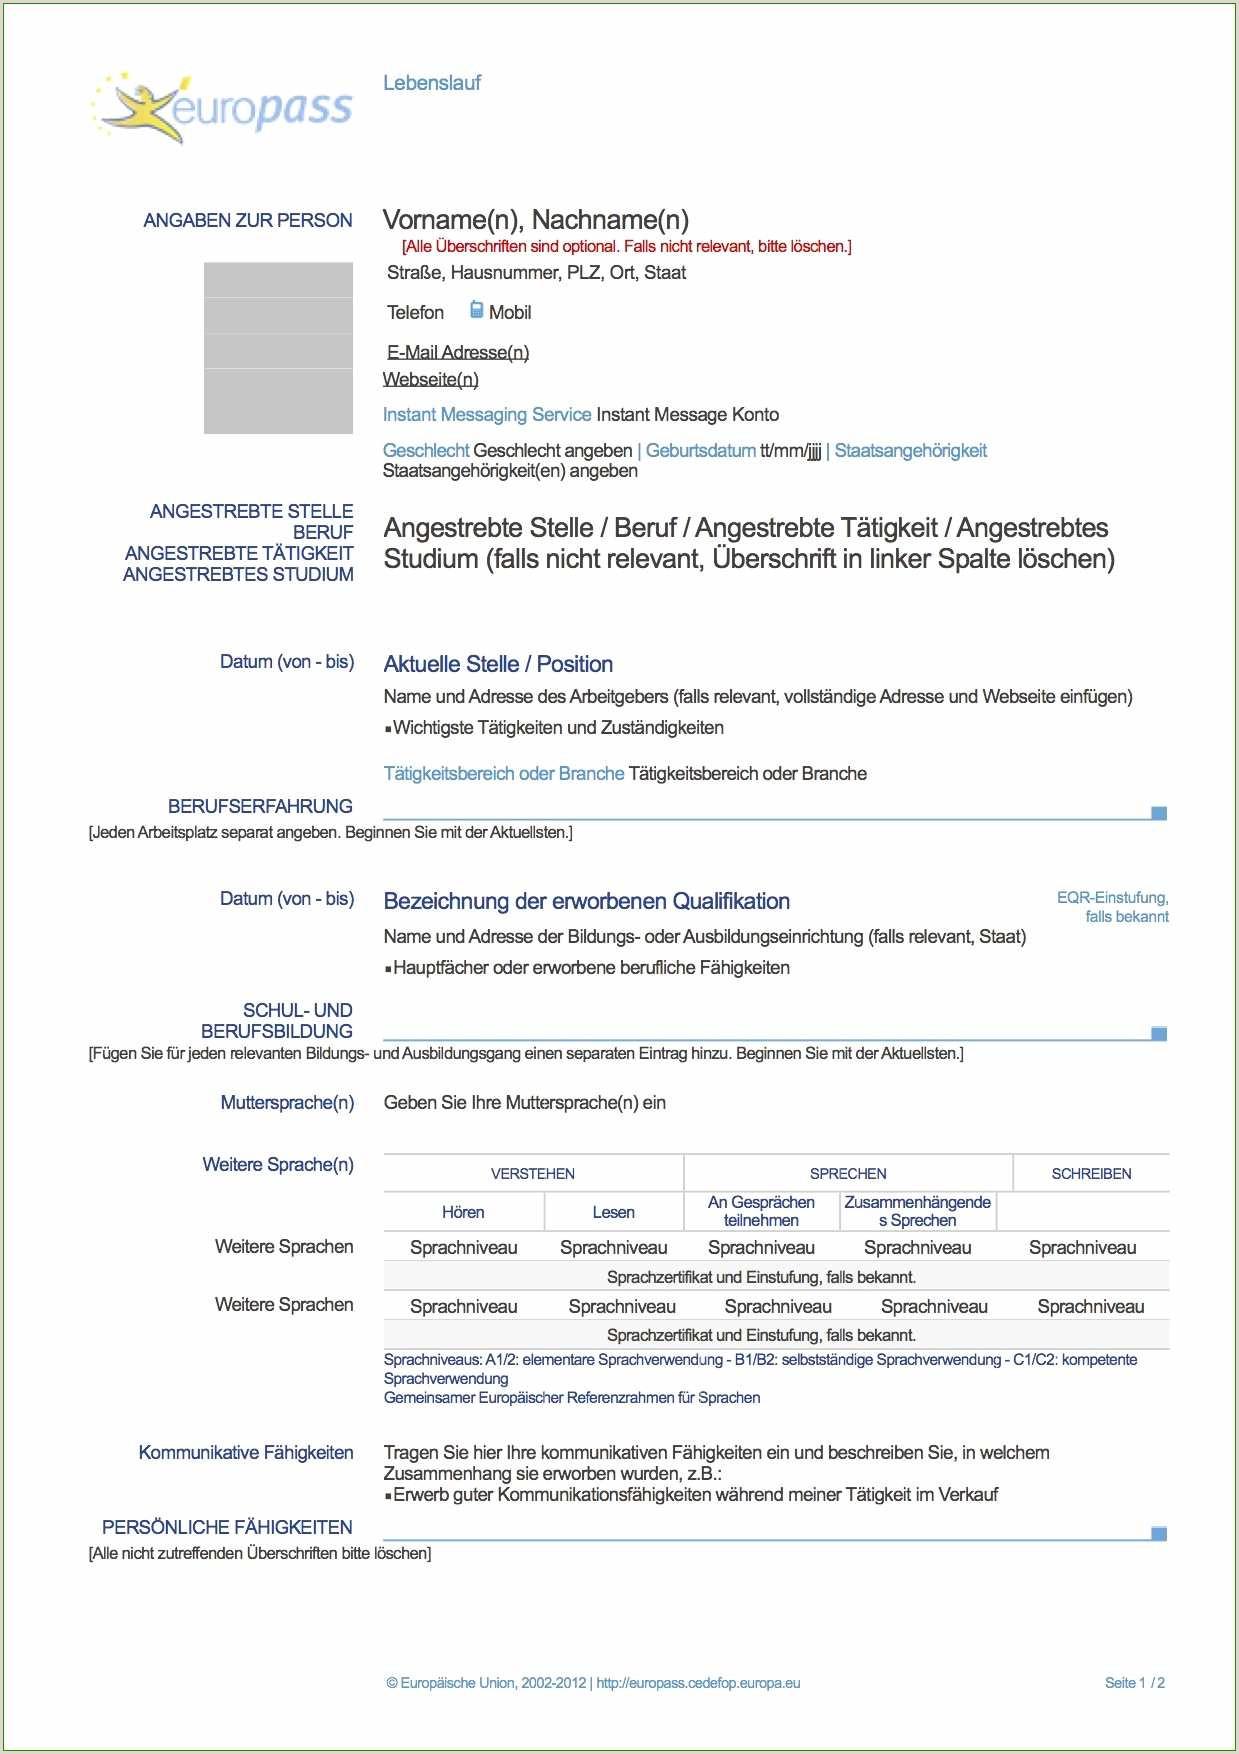 Europass Lebenslauf Deutsch Muster Lebenslauf Bezüglich